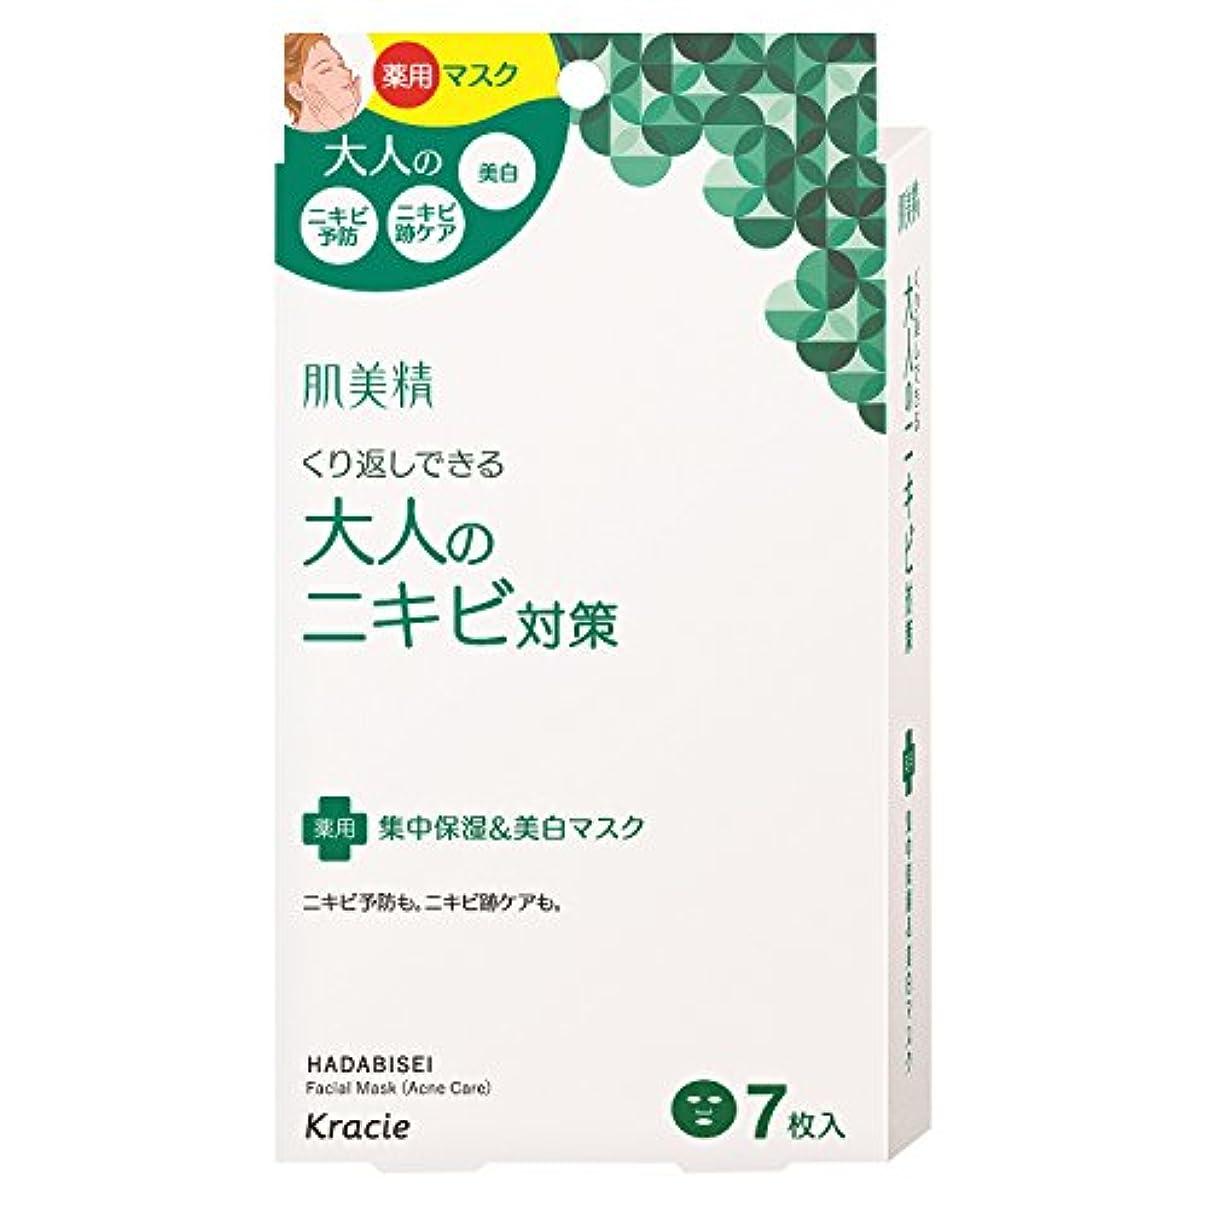 枠コール浸漬肌美精 大人のニキビ対策 薬用集中保湿&美白マスク 7枚 (医薬部外品)